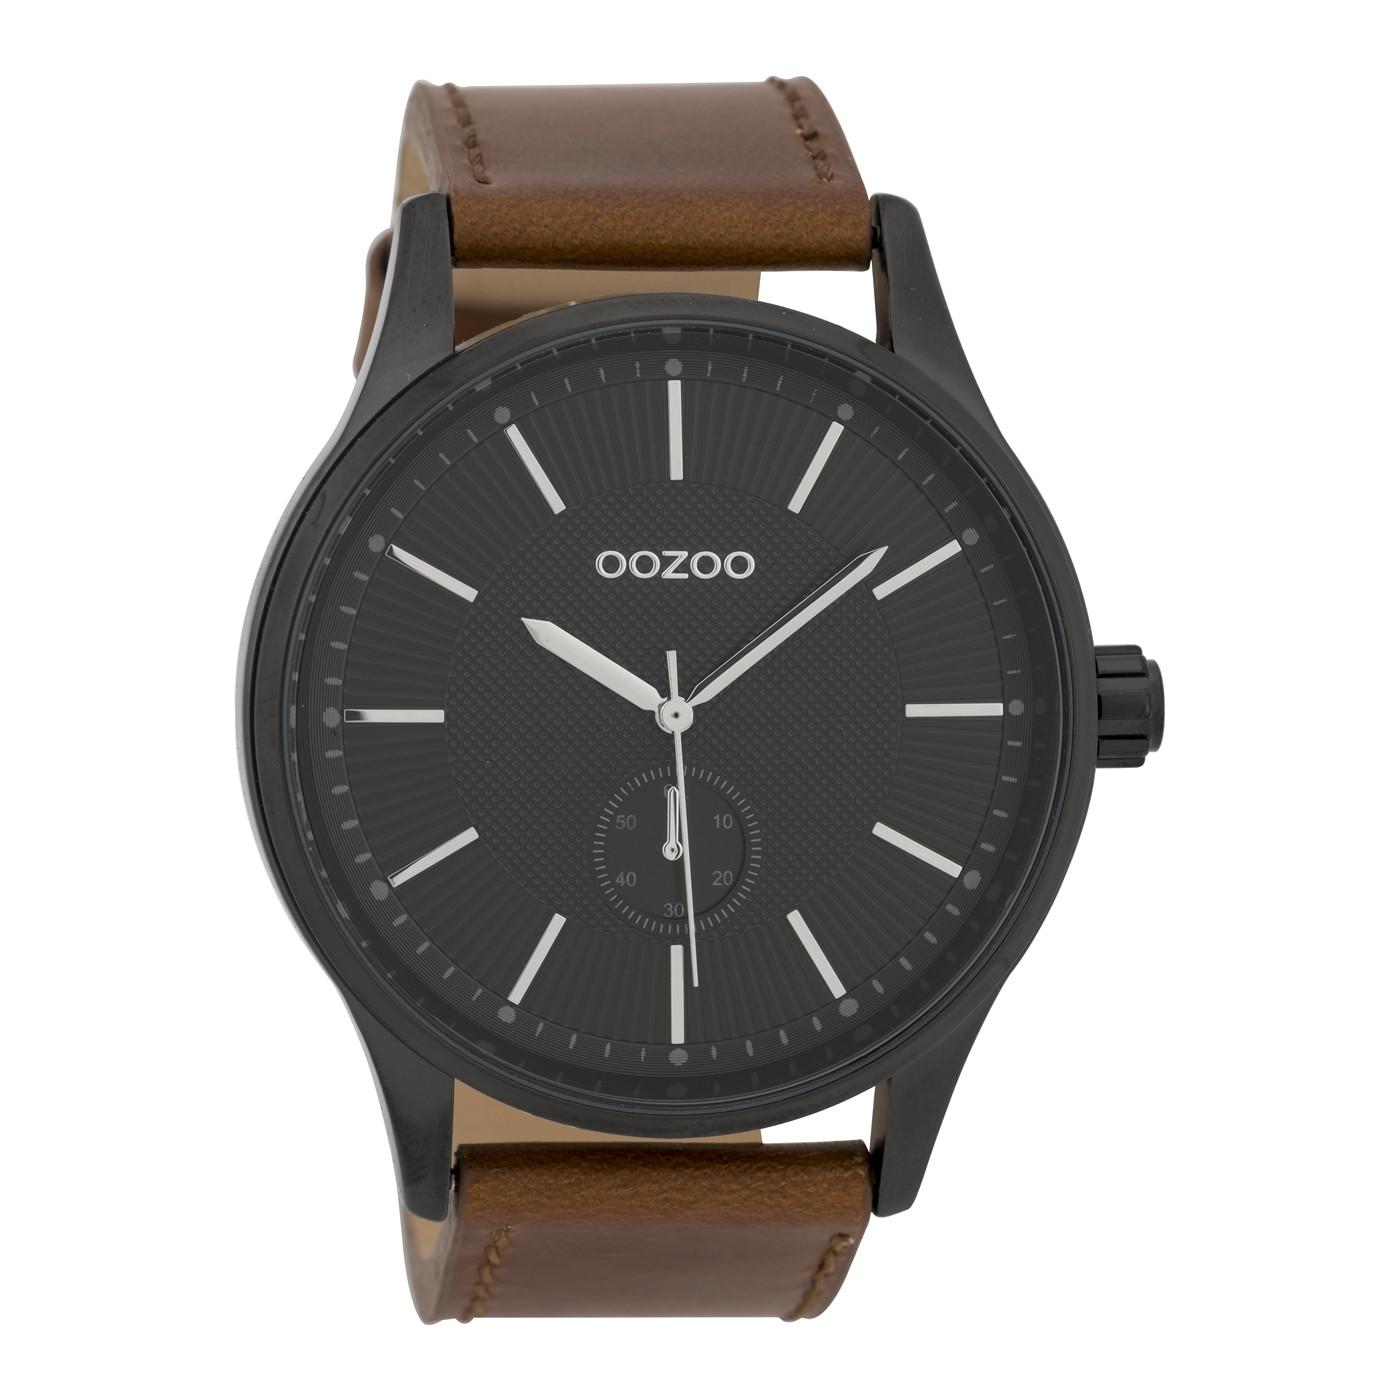 OOZOO Timepieces Bruin/Zwart horloge C9638 (48 mm)